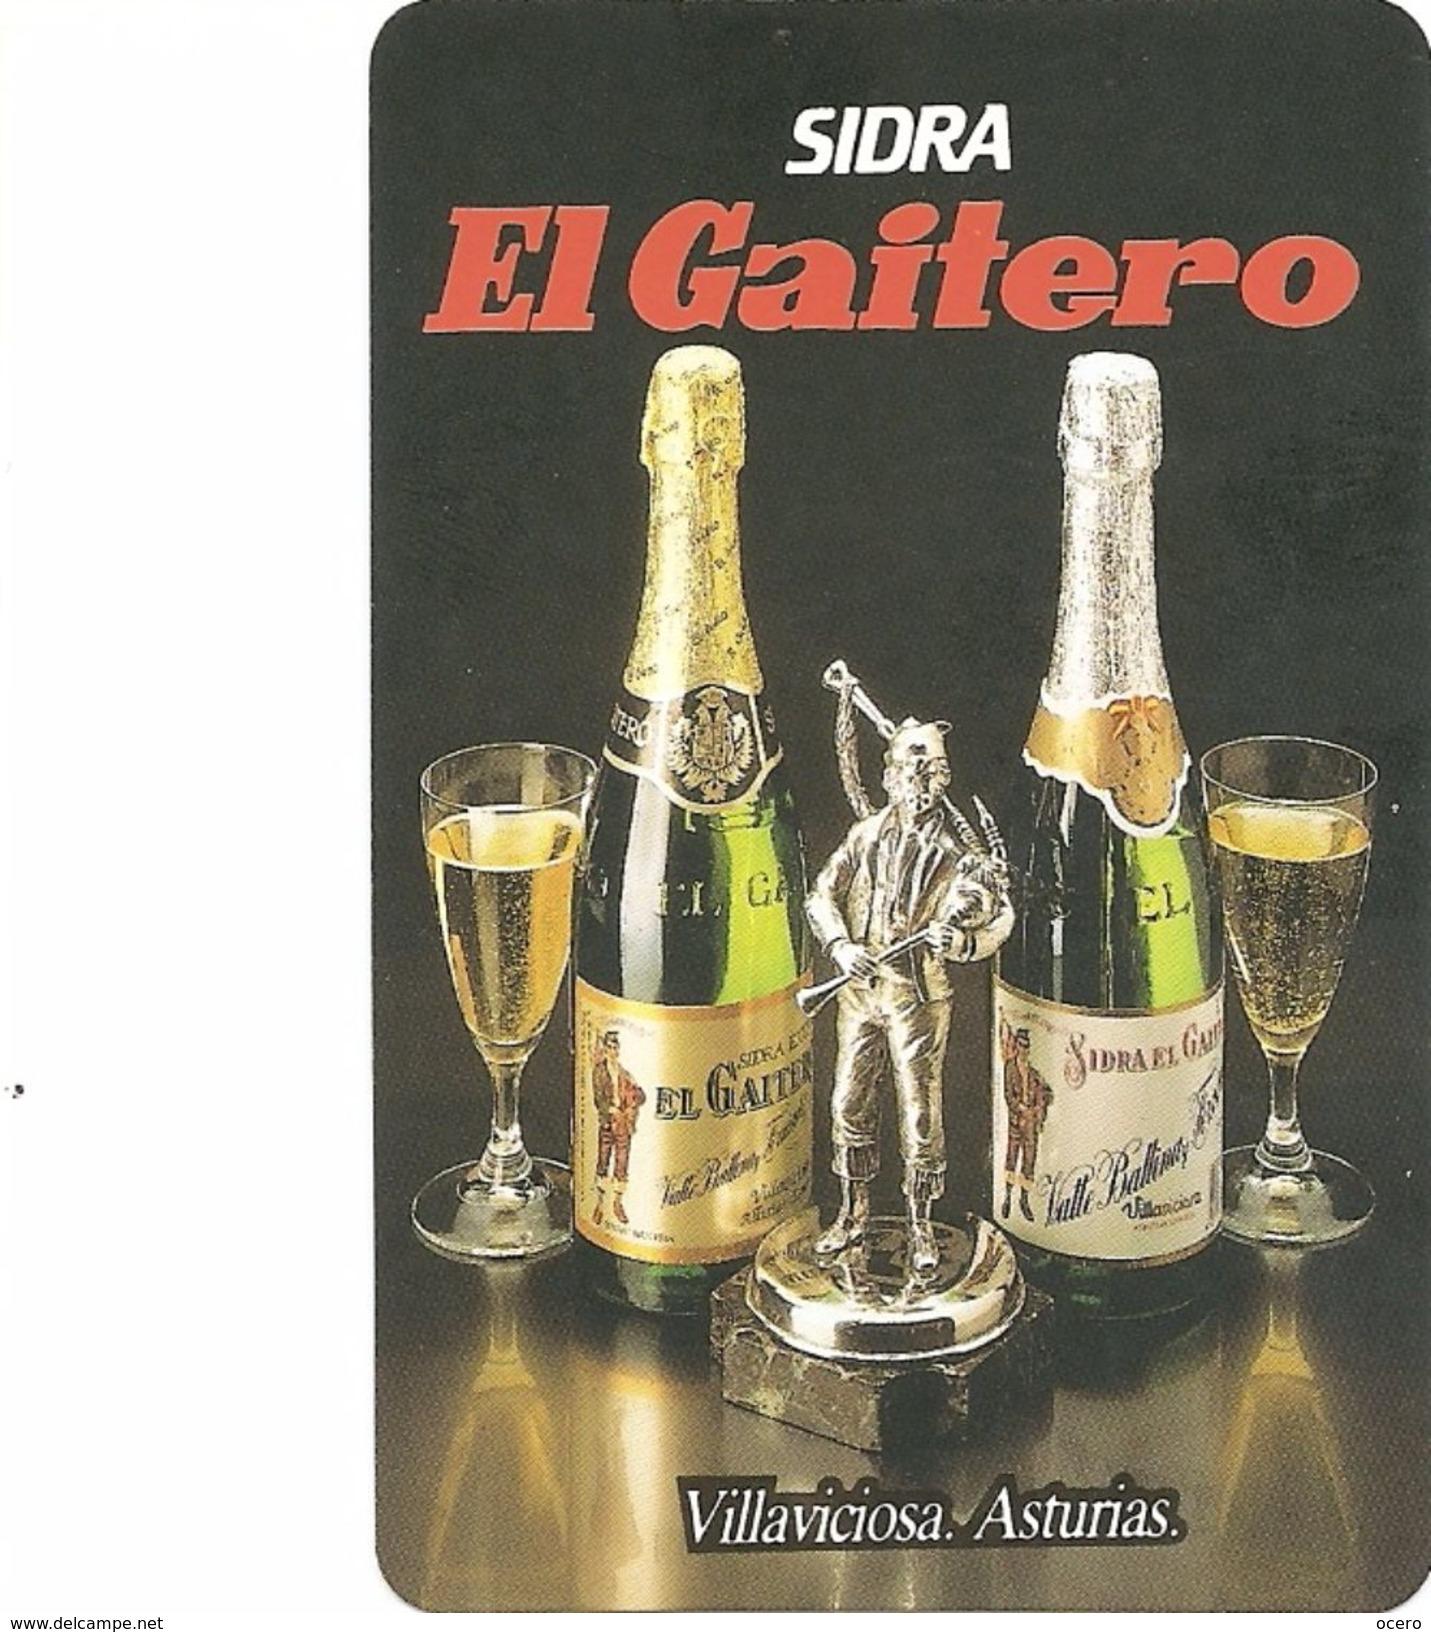 Calendario EL GAITERO, Villaviciosa (Asturias) - Calendarios